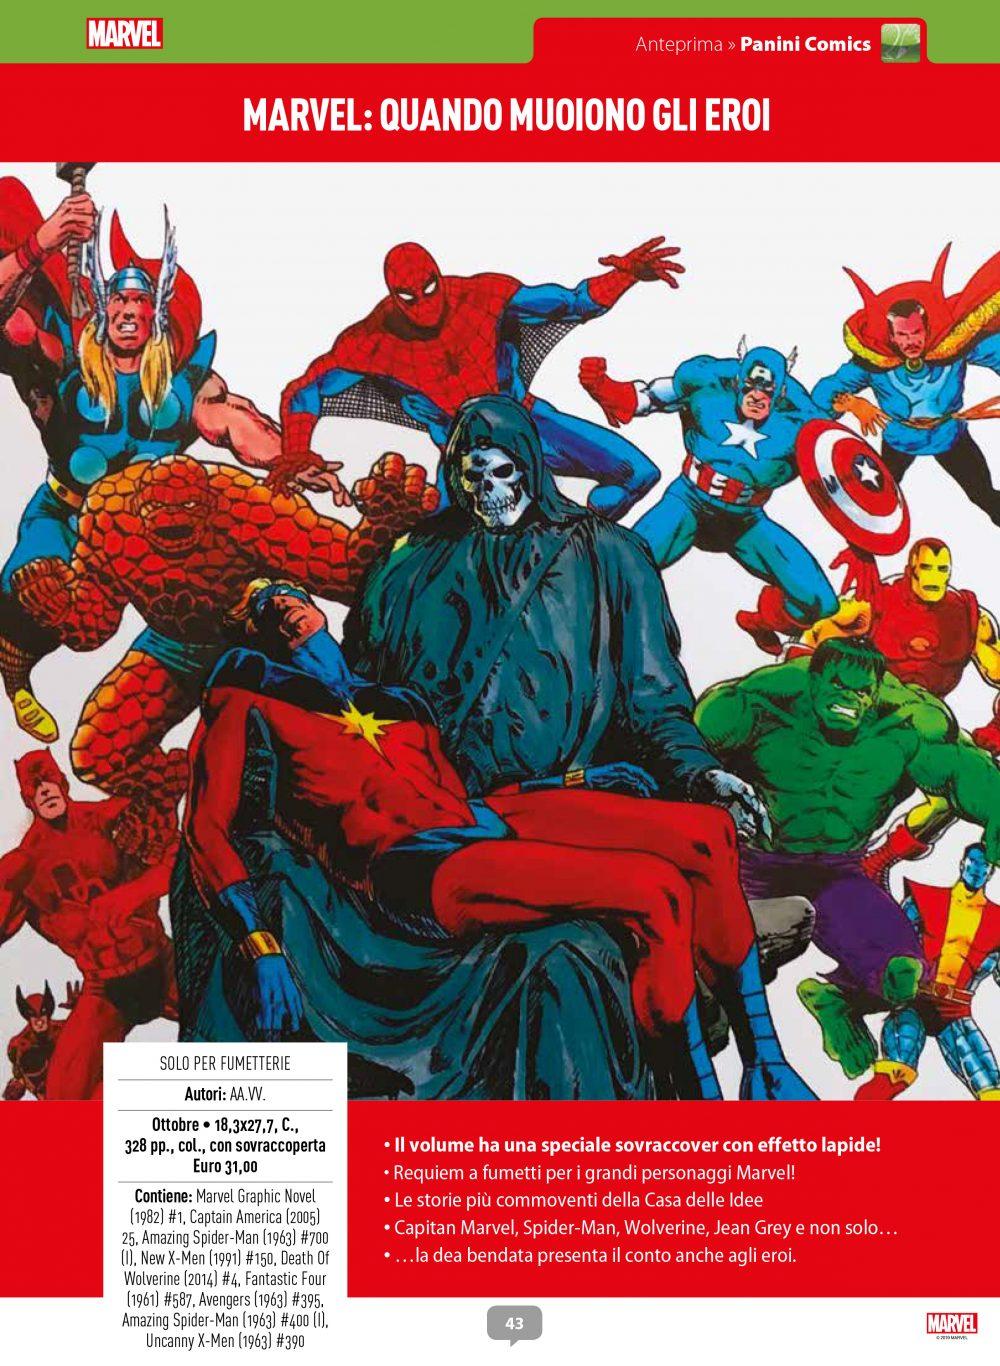 Marvel: Quando muoiono gli eroi su Anteprima